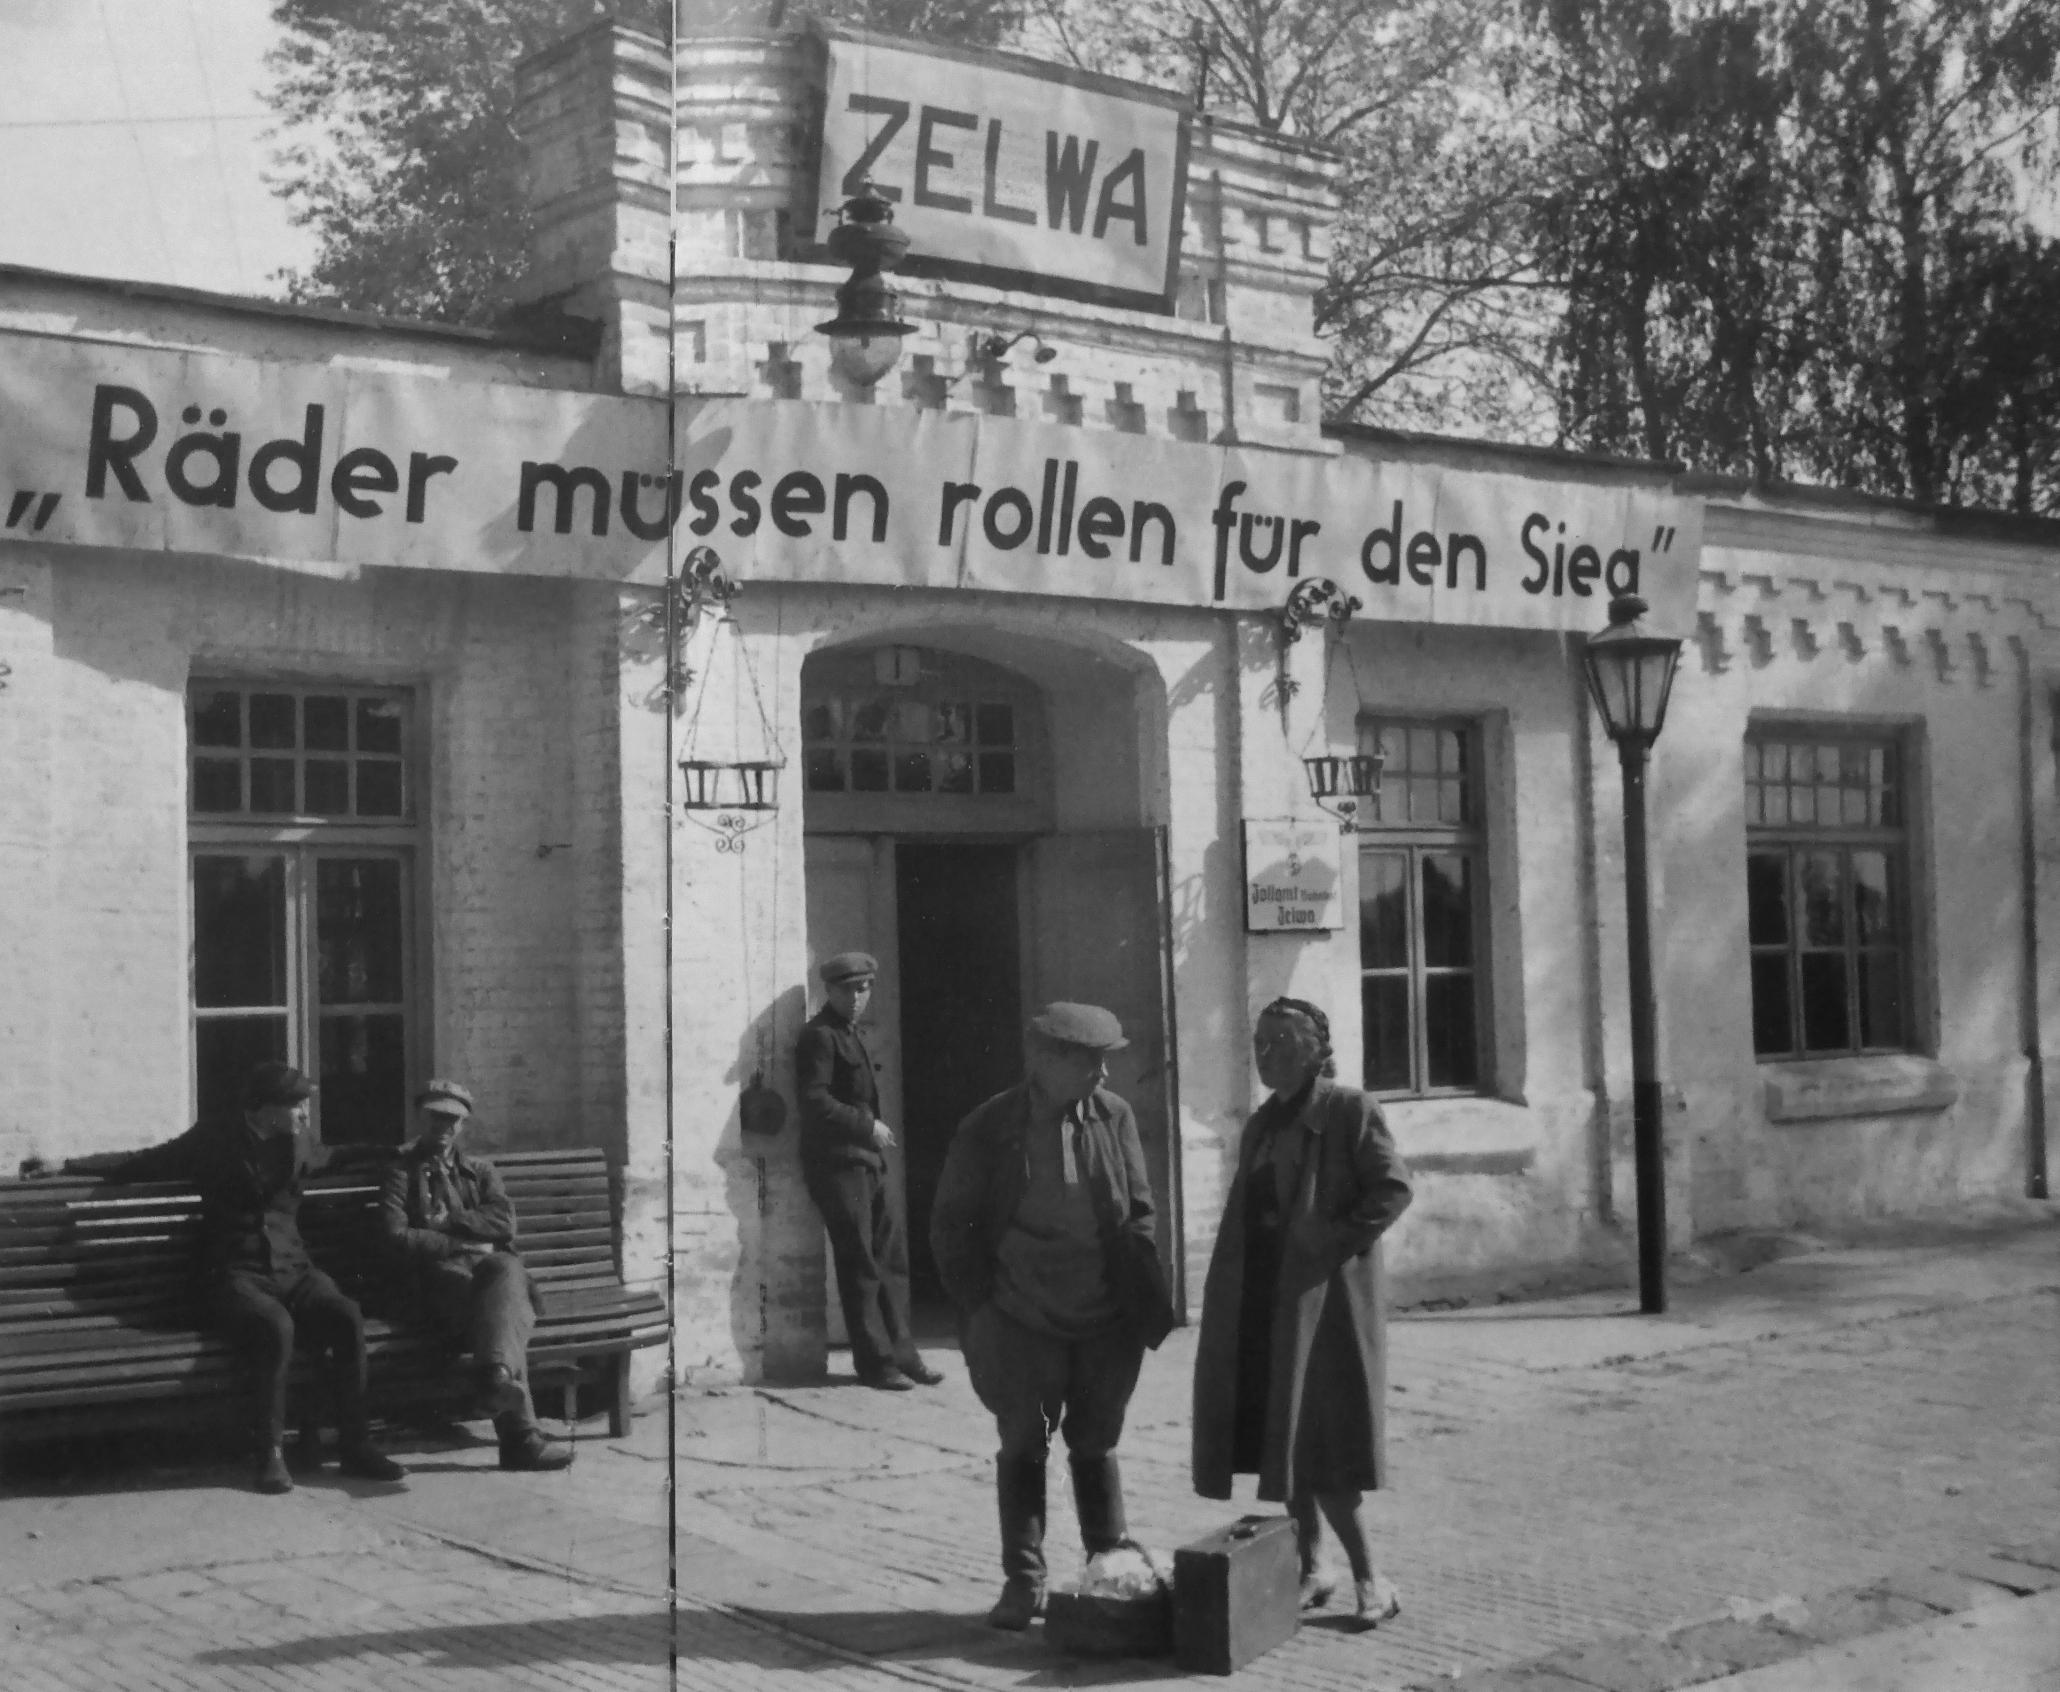 1942. Железнодорожная станция в оккупированном немецкими войсками поселке Зельва